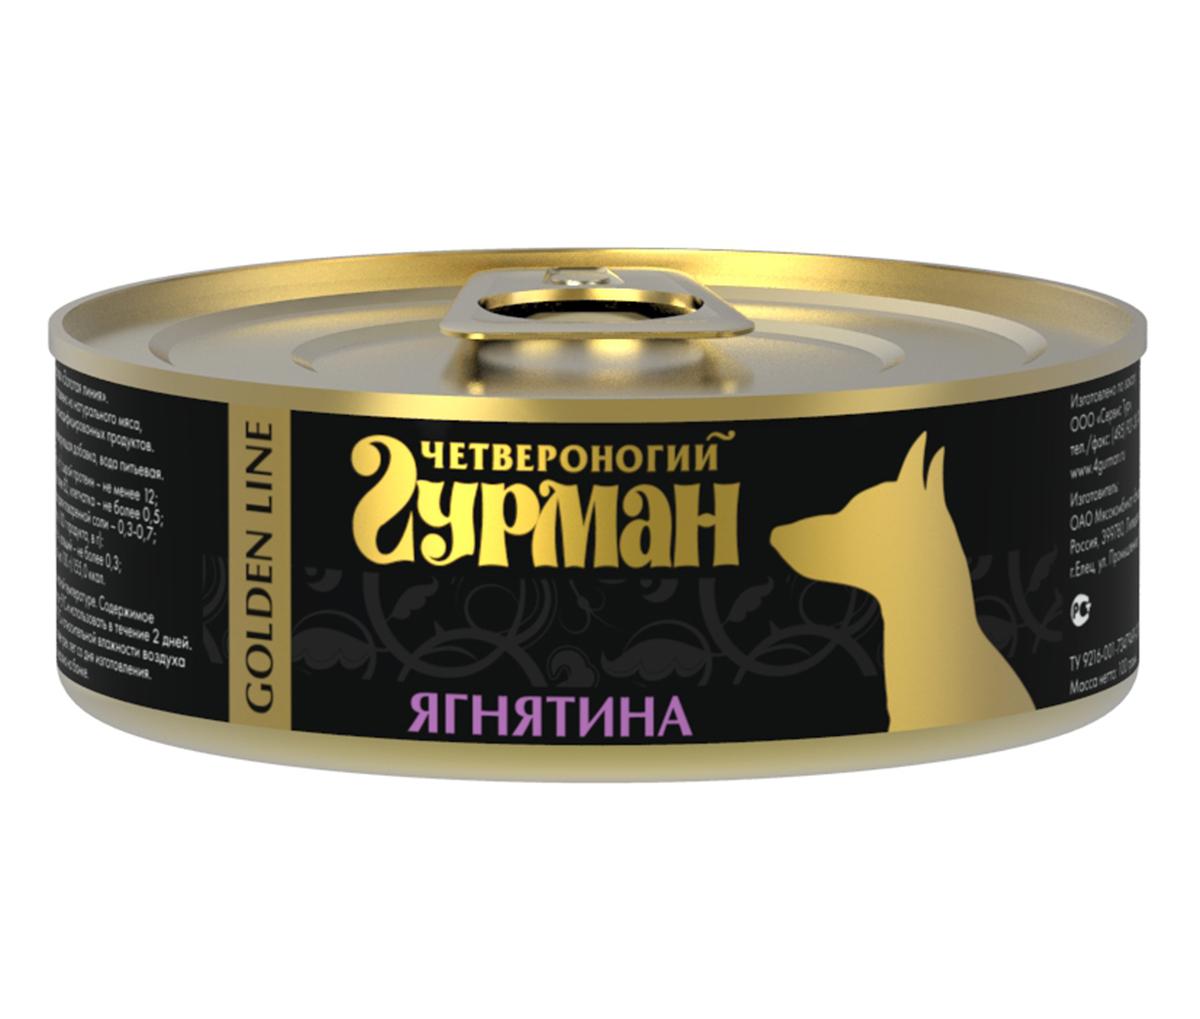 """Консервы для собак """"Четвероногий Гурман"""", с ягненком, 100 г 37280"""